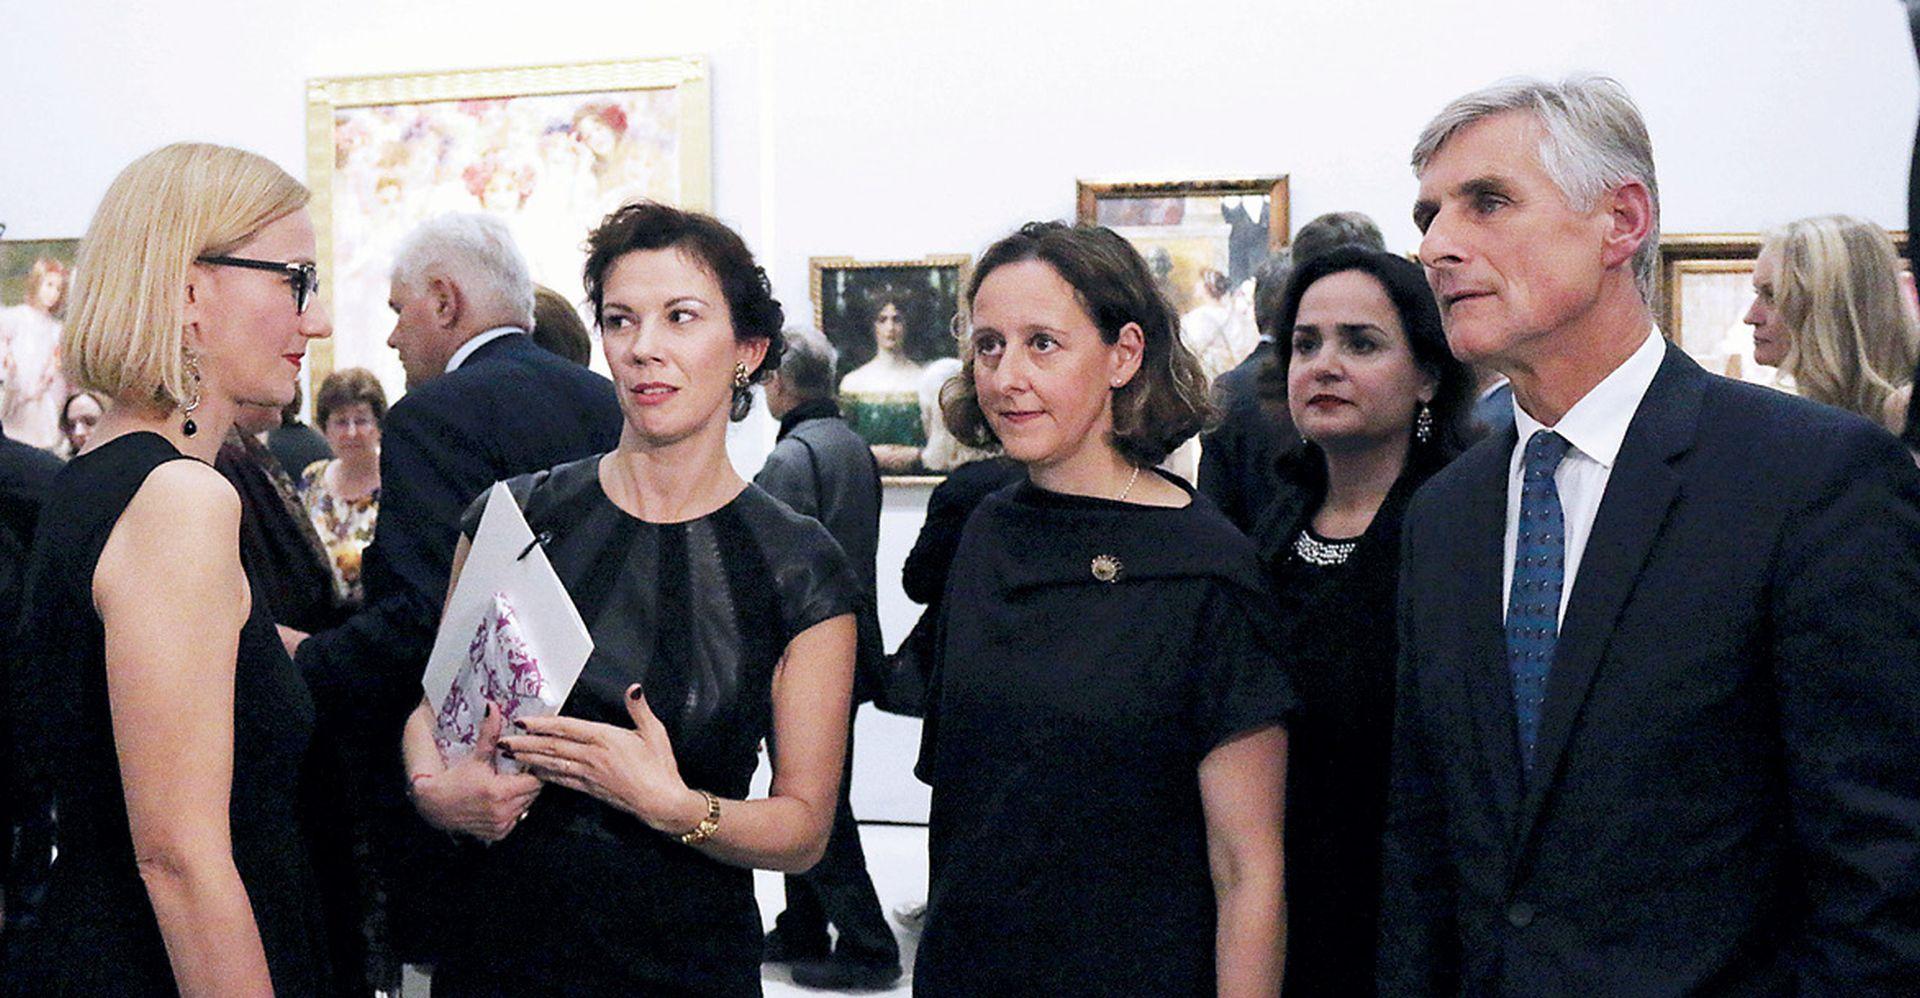 Izložba u Beču kao znak bliskih veza Hrvatske i Austrije